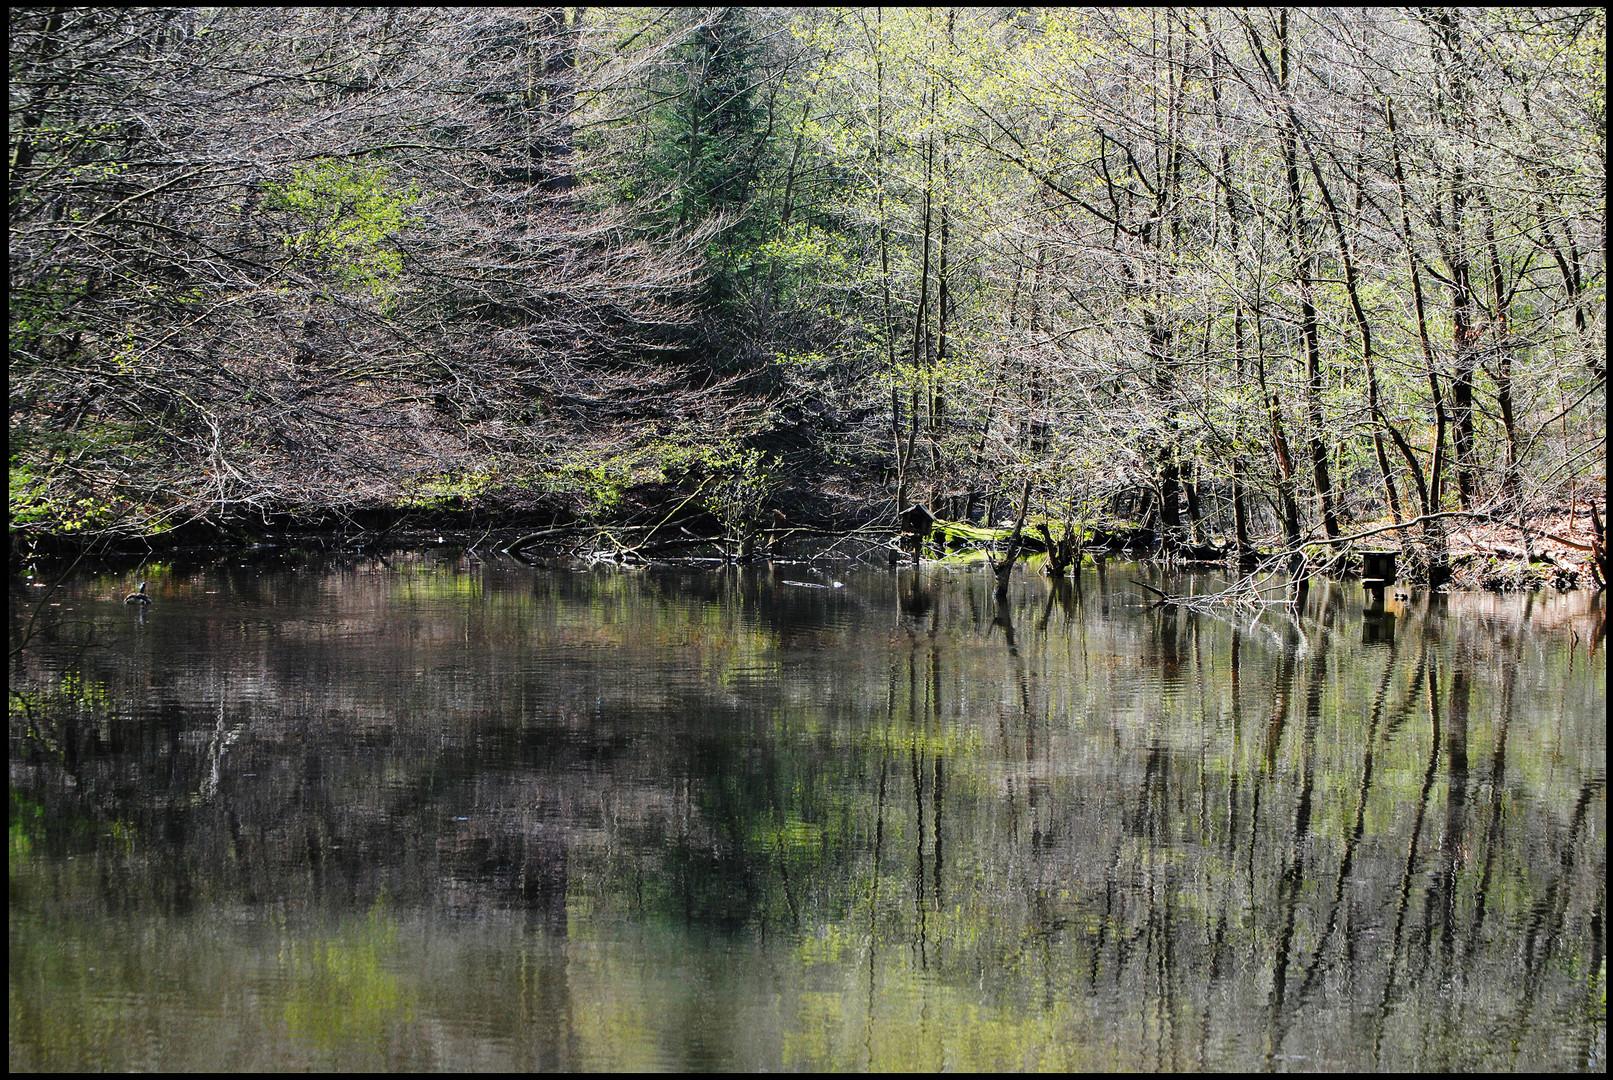 Wildwald Voßwinkel April 2010